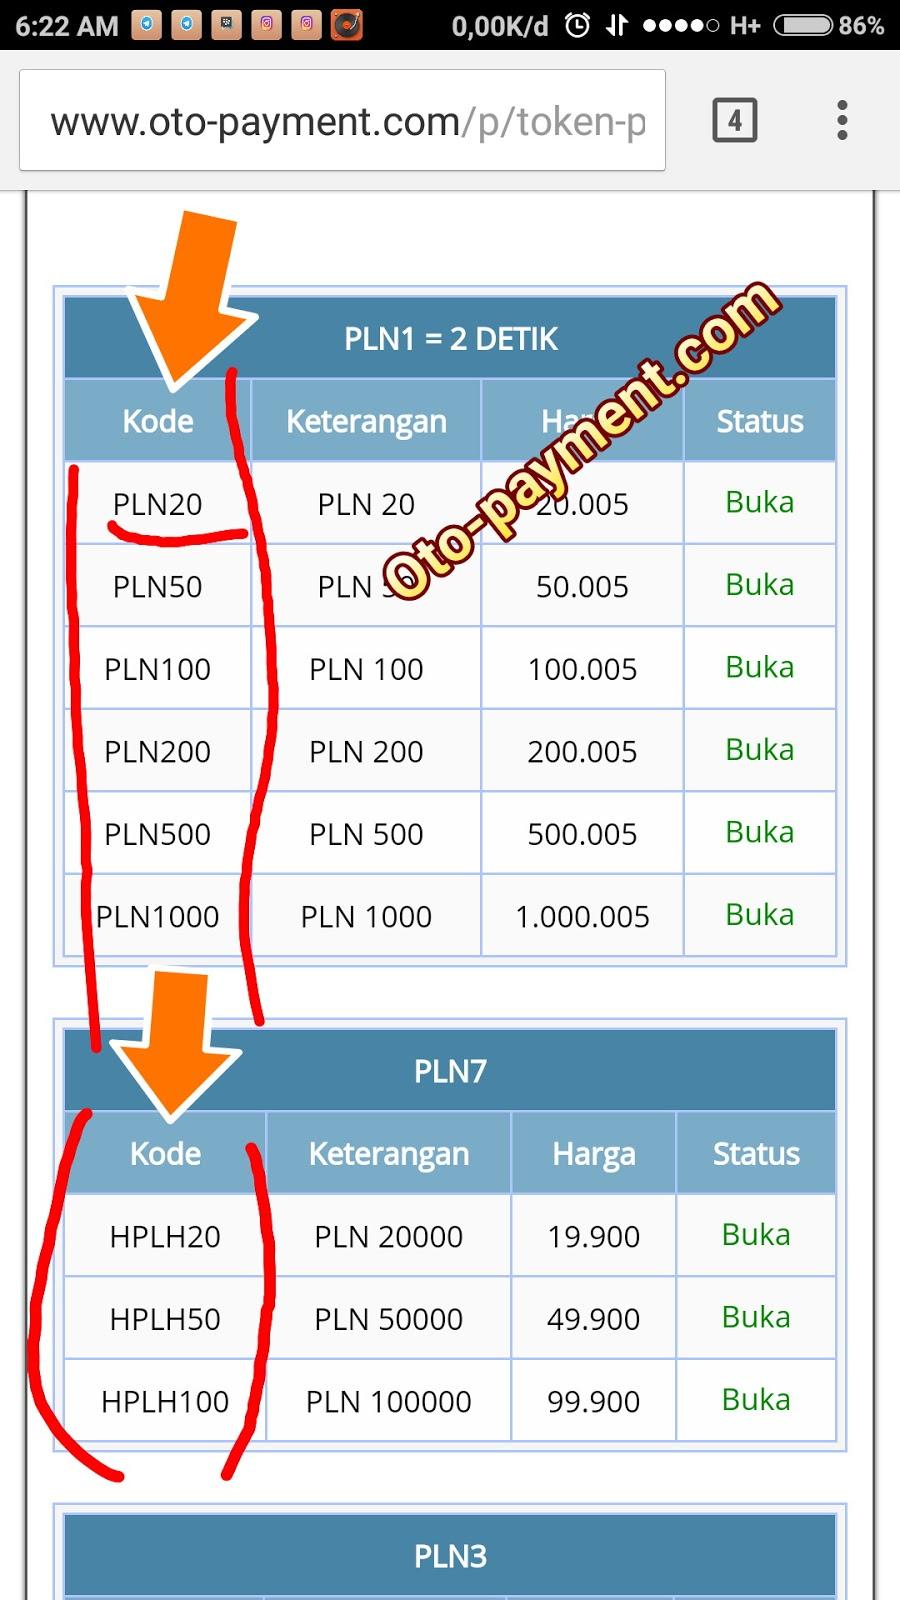 Contoh Nomor Token Listrik : contoh, nomor, token, listrik, MENGISI, TOKEN, Otopayment, PAYMENT